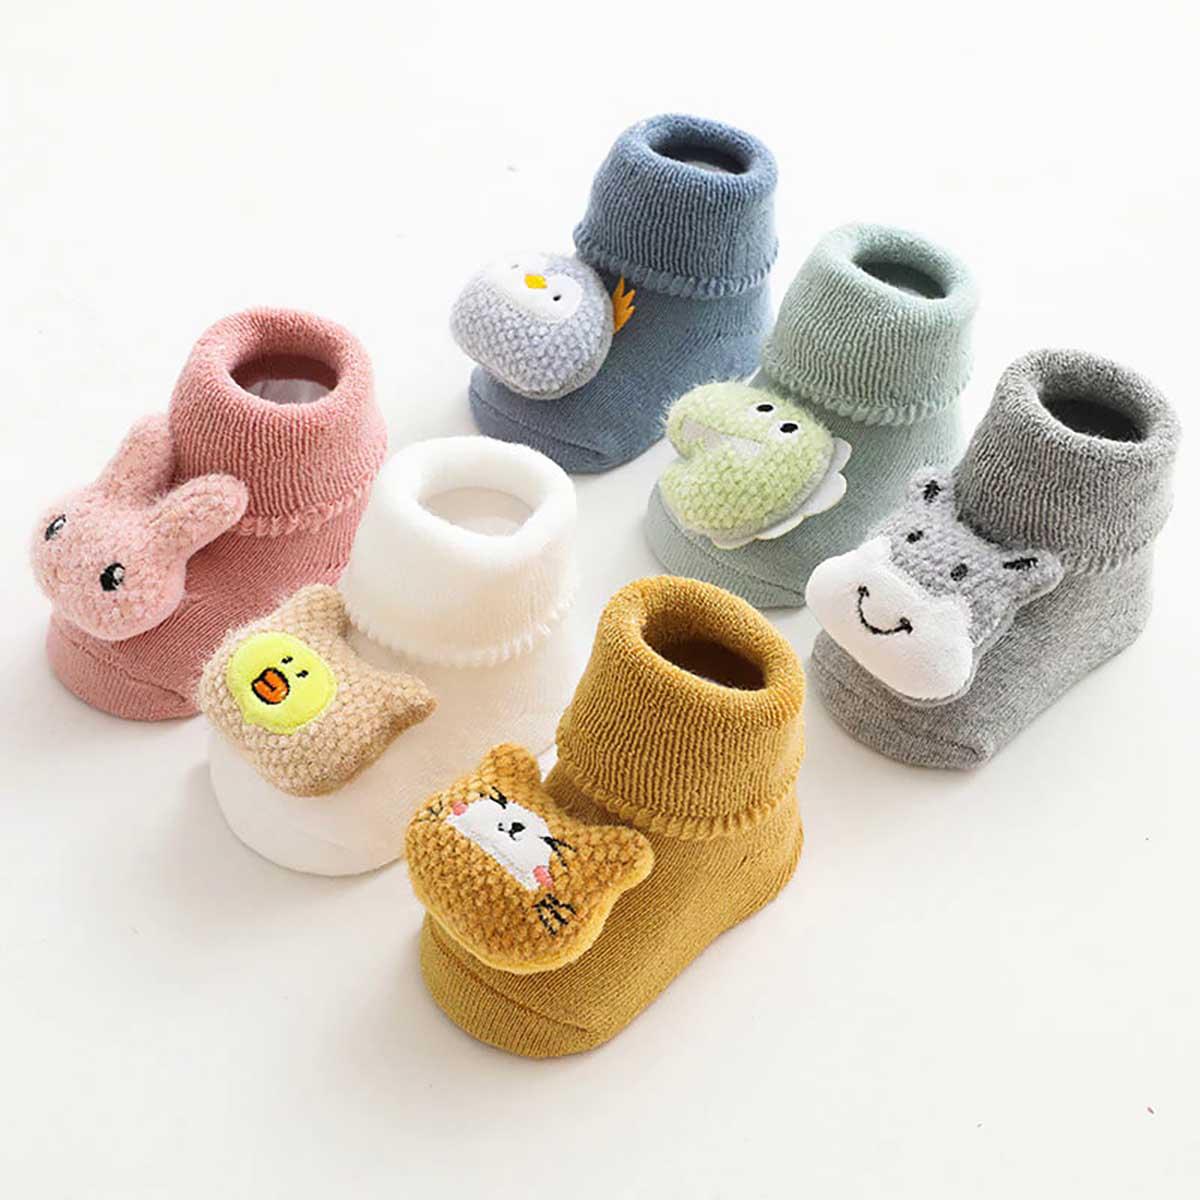 ТОП-15 Лучшие товары для малышей с АлиЭкспресс